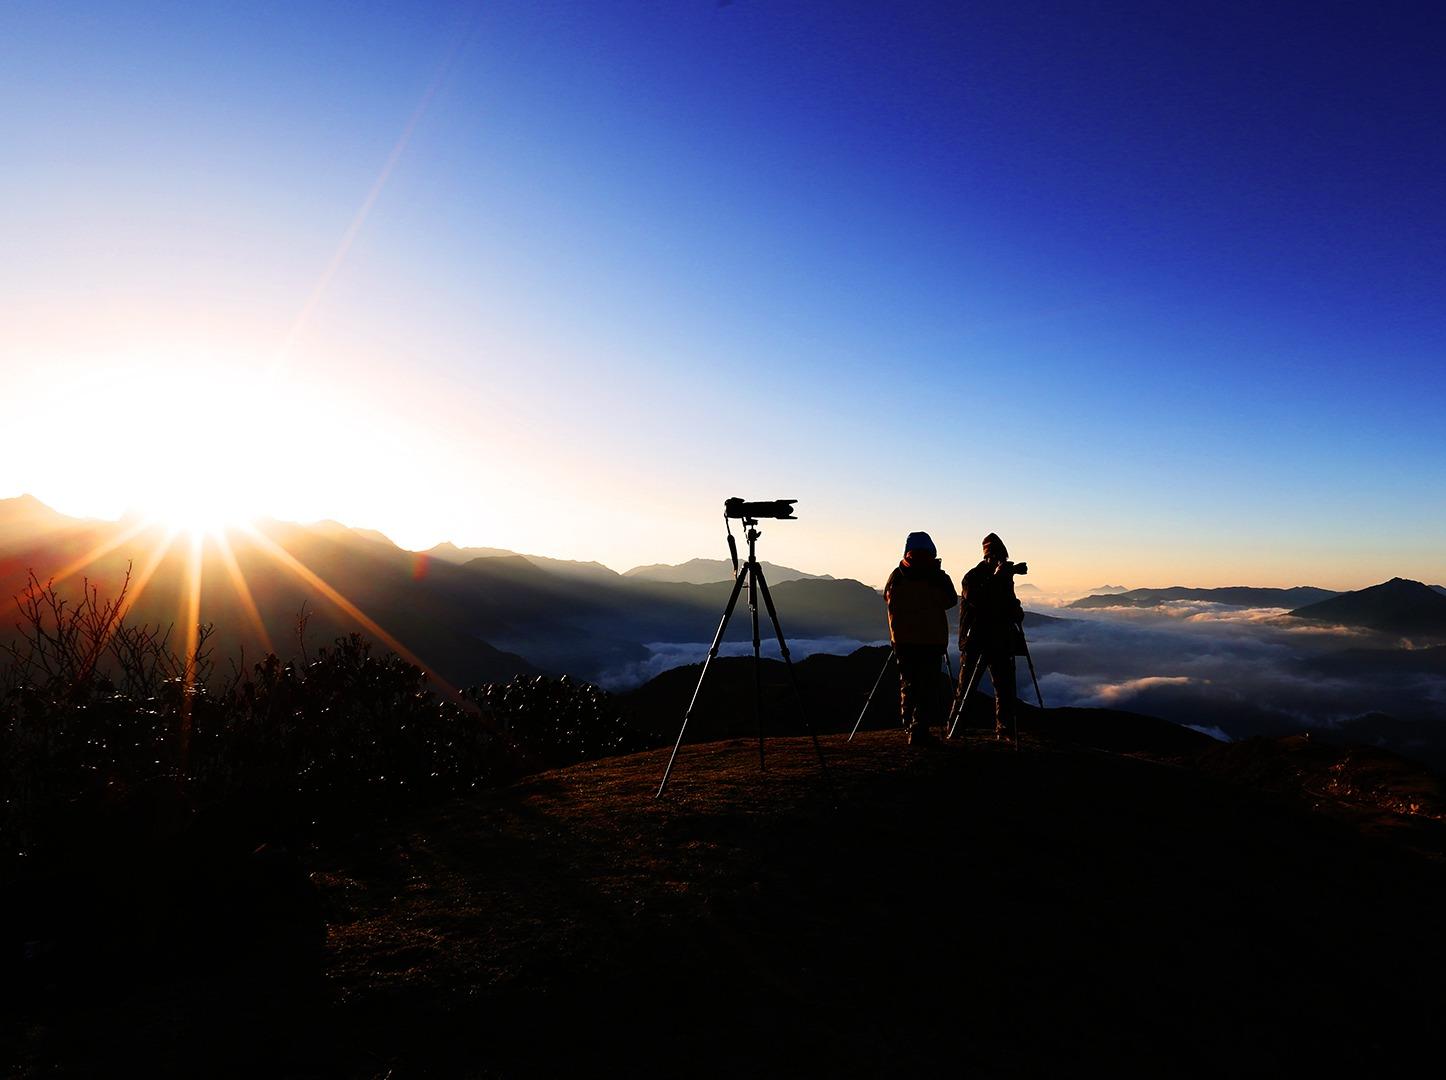 端午最后一期达瓦更扎,最美的云海天堂